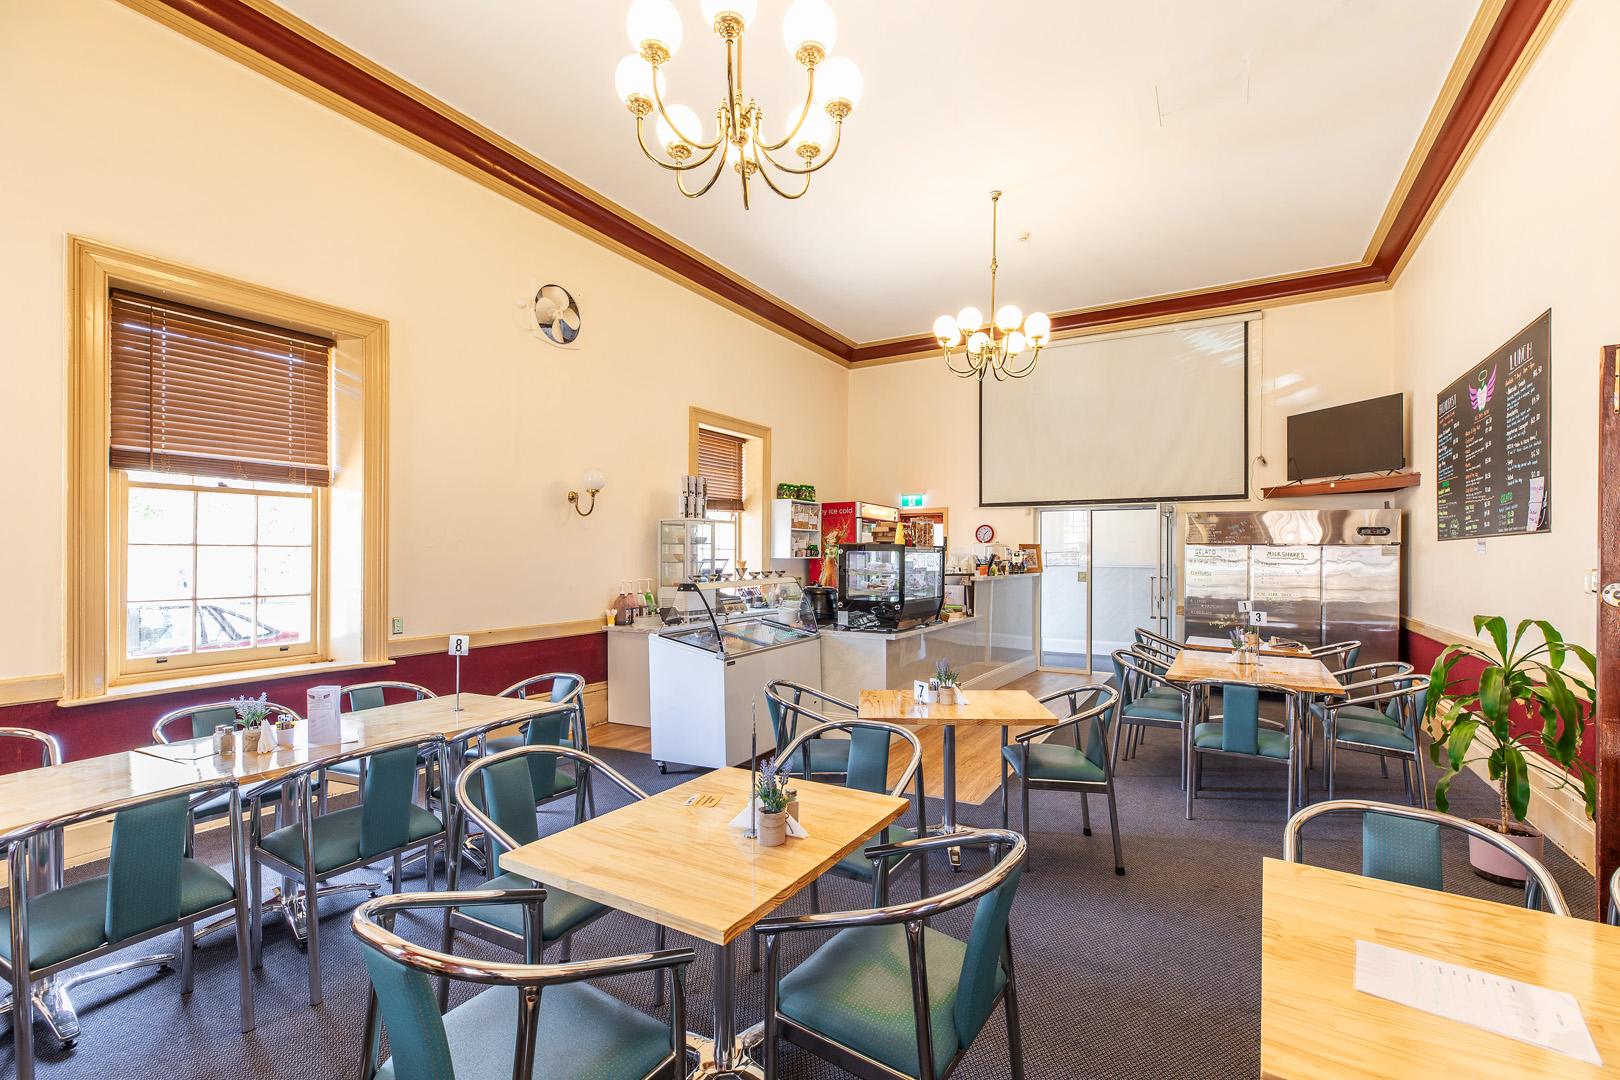 cafe-room-image